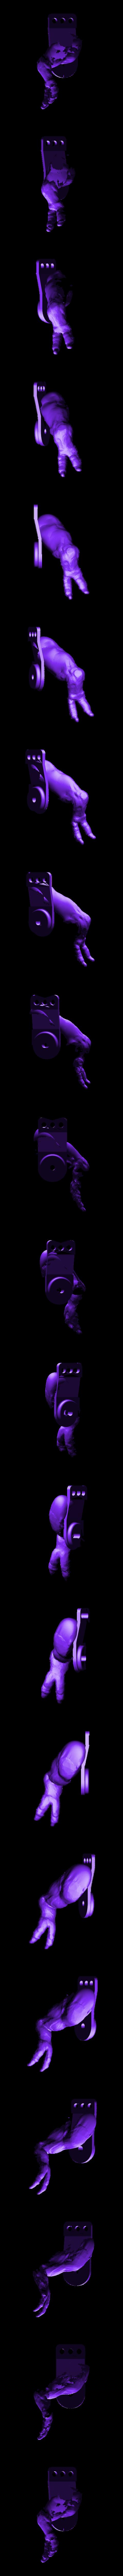 trex_alternative_arm_R.stl Télécharger fichier STL gratuit L'Ergosaurus Rex (Poppy Ergo Jr avec des pièces imprimées T-Rex 3D) • Design à imprimer en 3D, PoppyProject